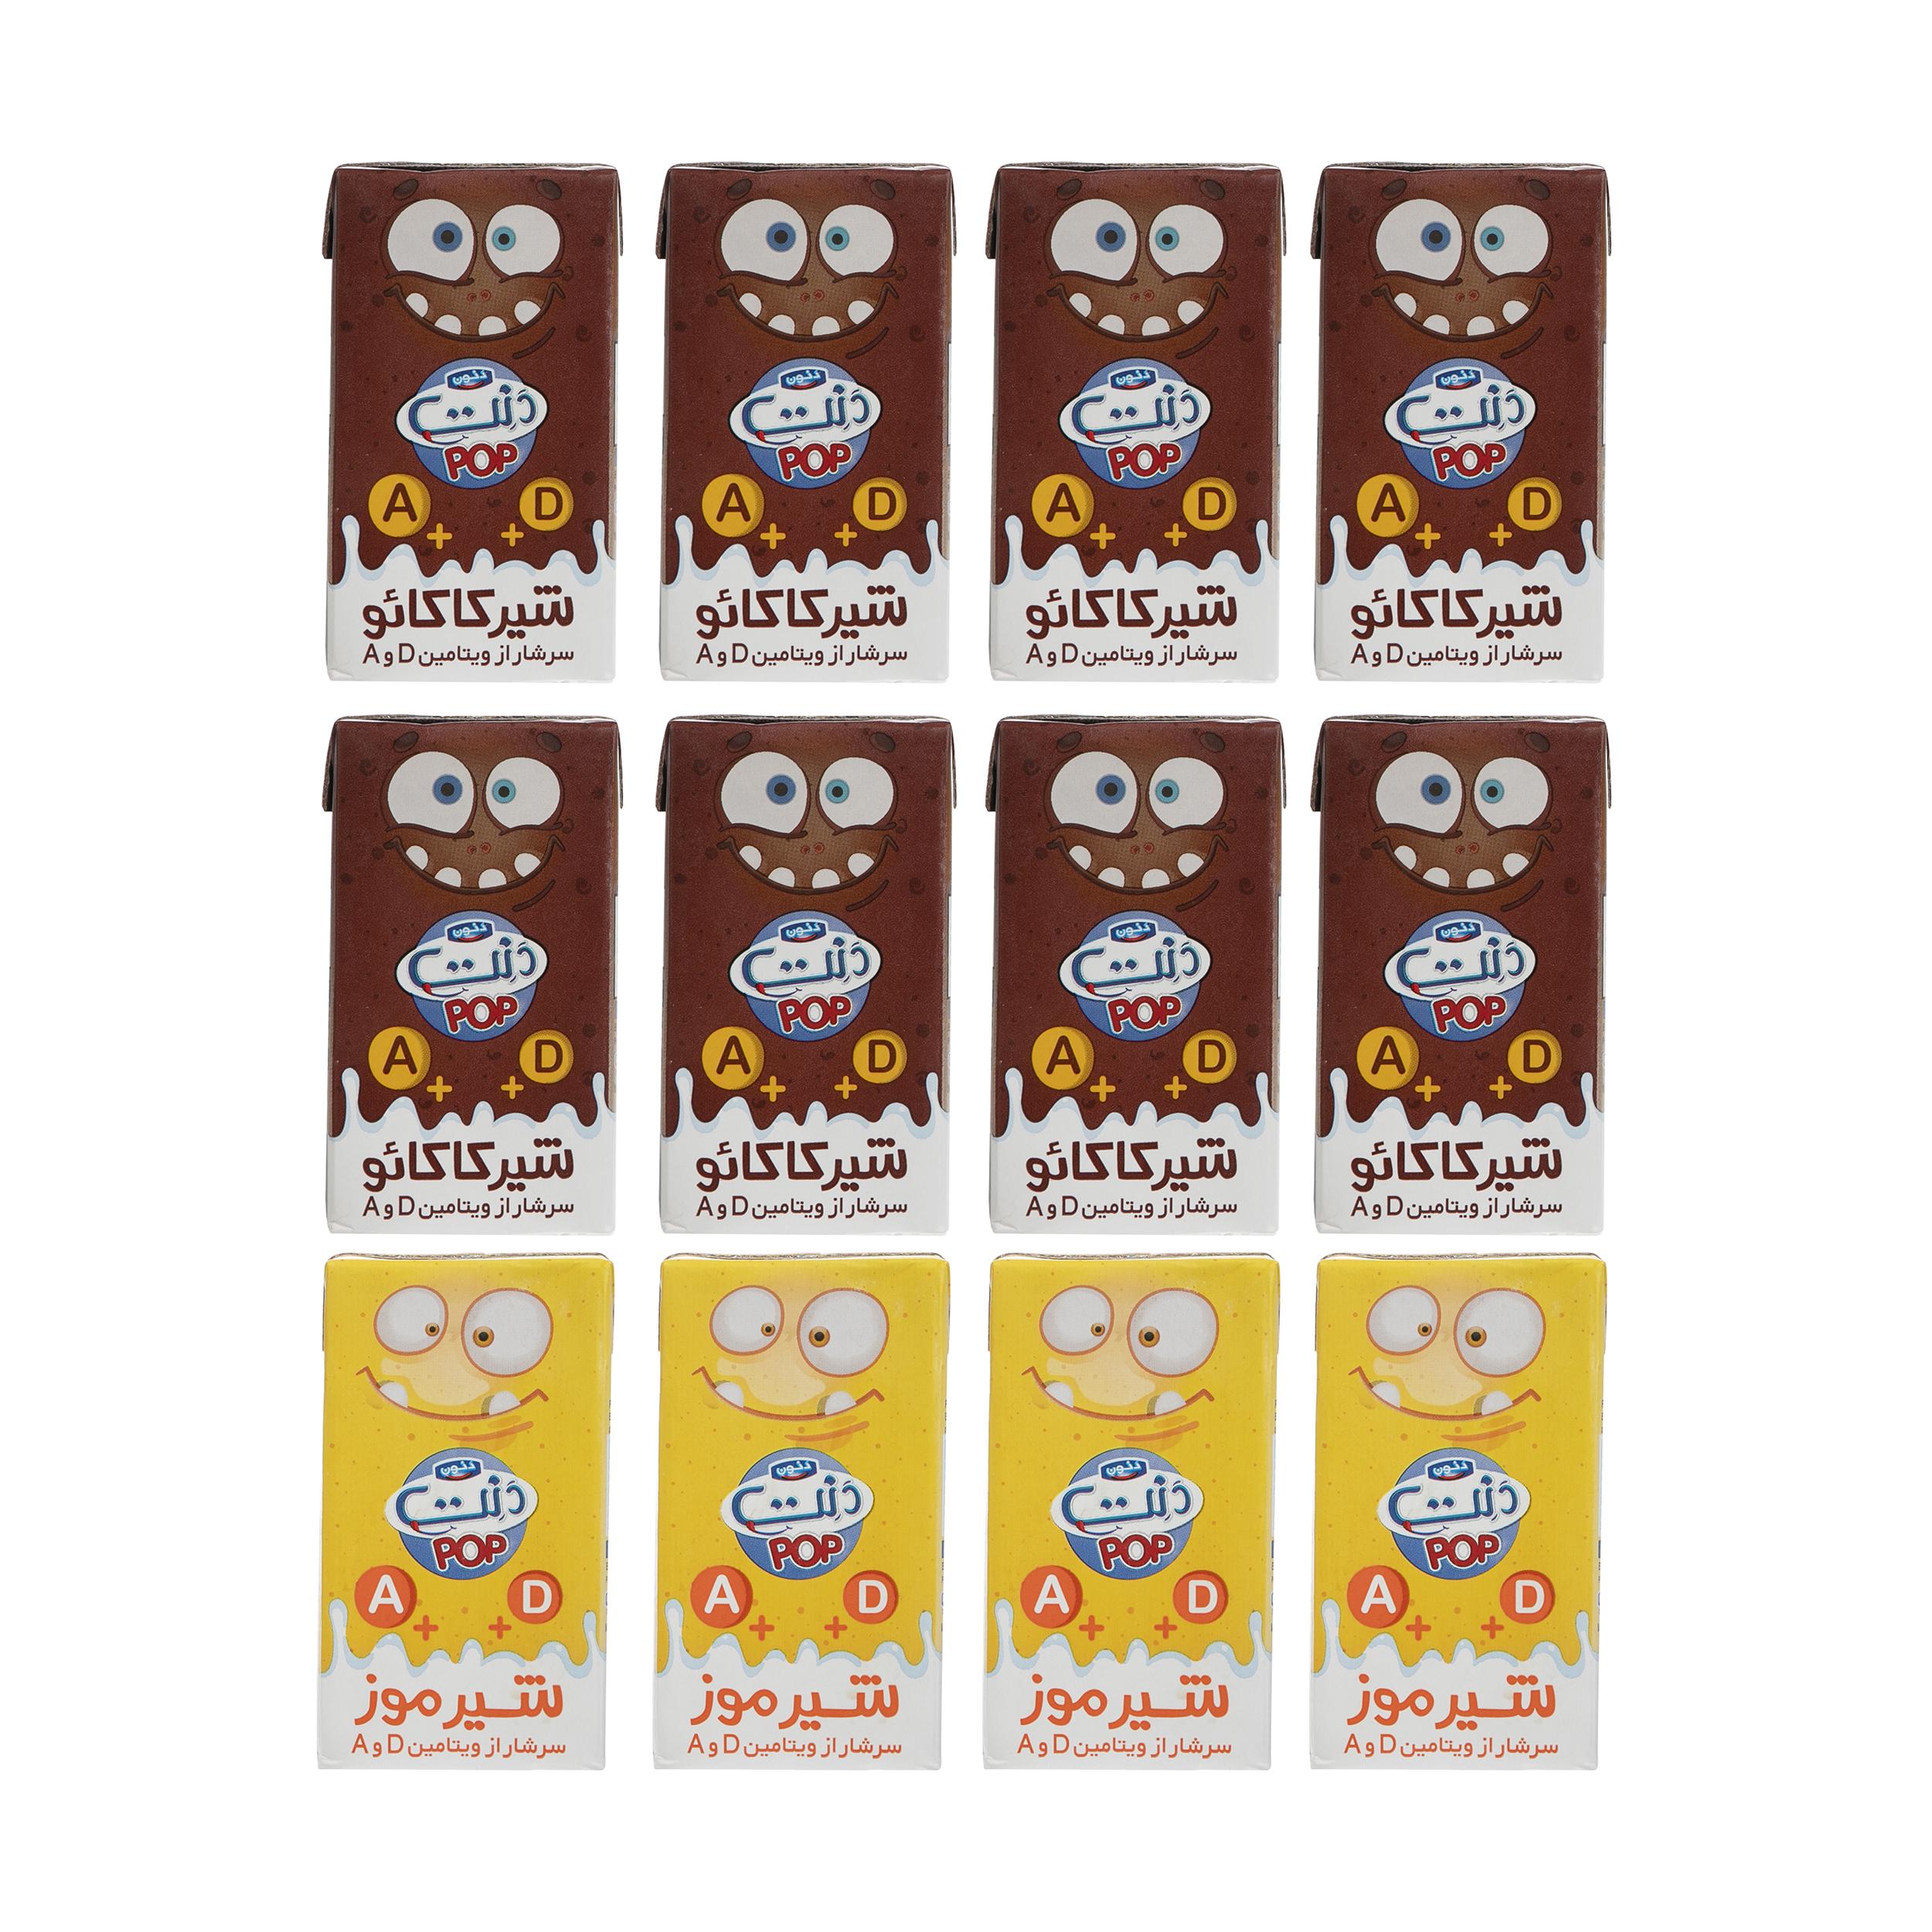 شیرکاکائو و شیر موز دنت - 125 میلی لیتر مجوعه 12 عددی